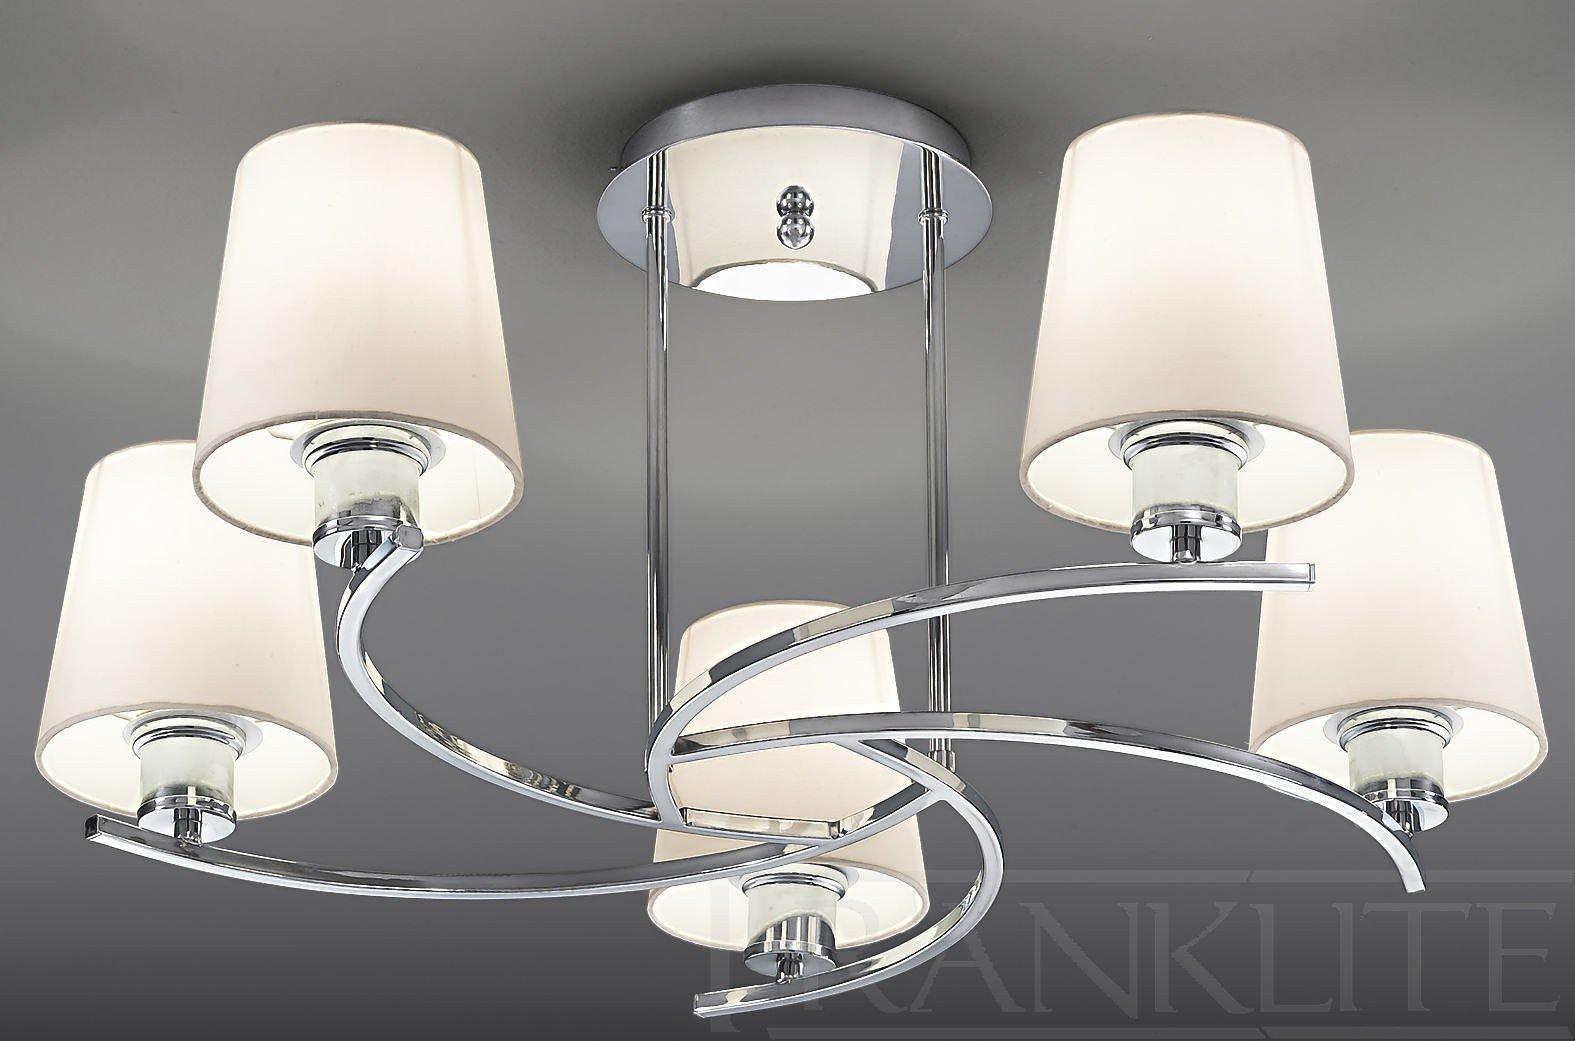 lustre pas cher salon id e de luminaire et lampe maison. Black Bedroom Furniture Sets. Home Design Ideas